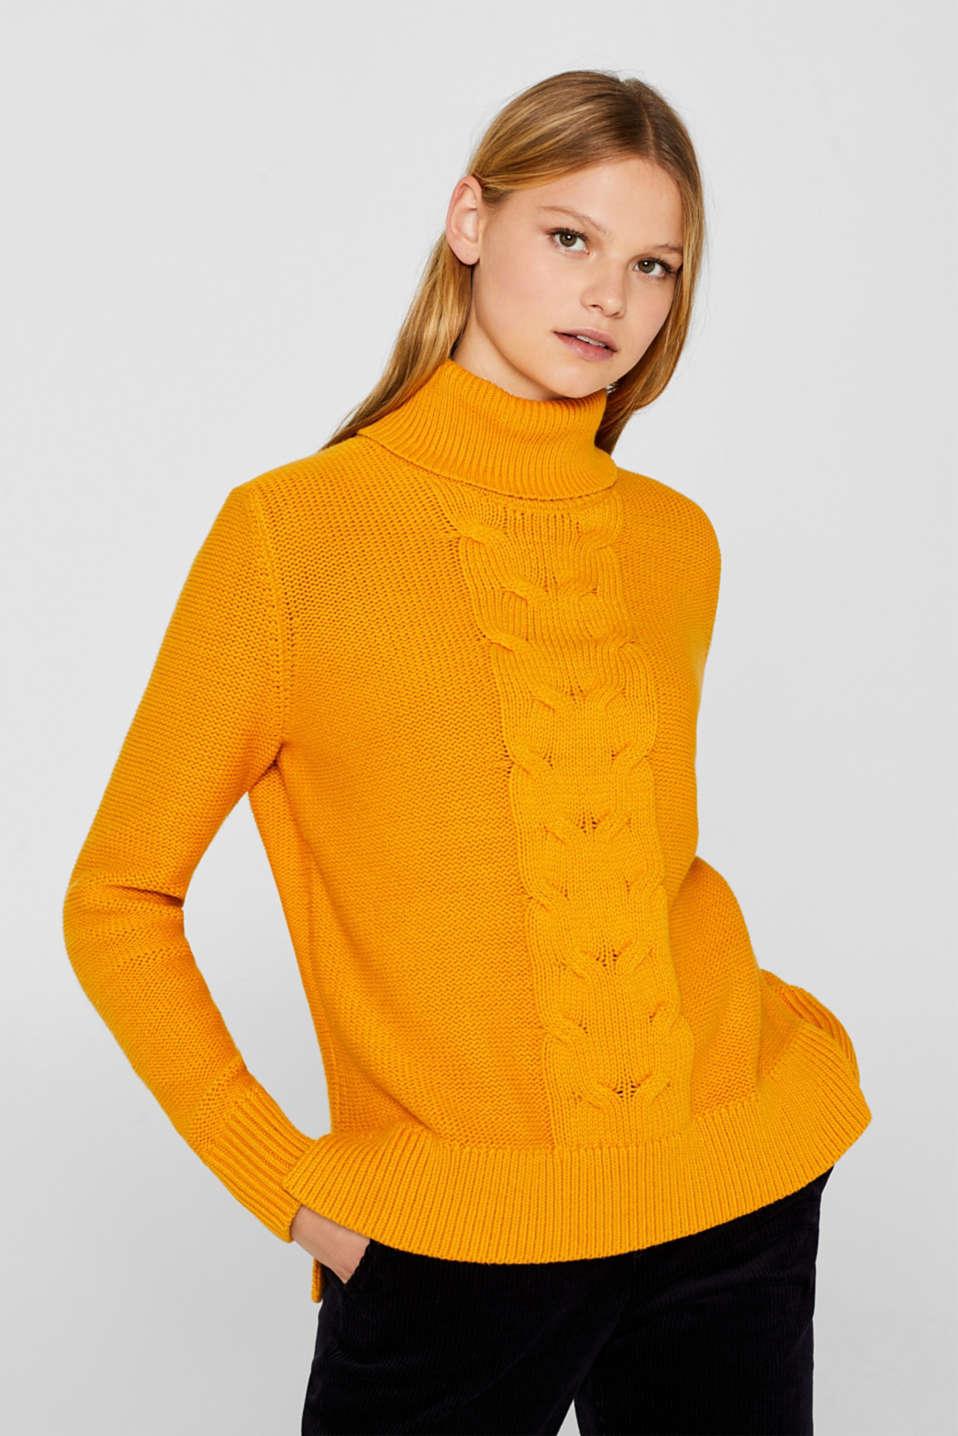 edc Rollkragen Pullover mit Zopfmuster im Online Shop kaufen